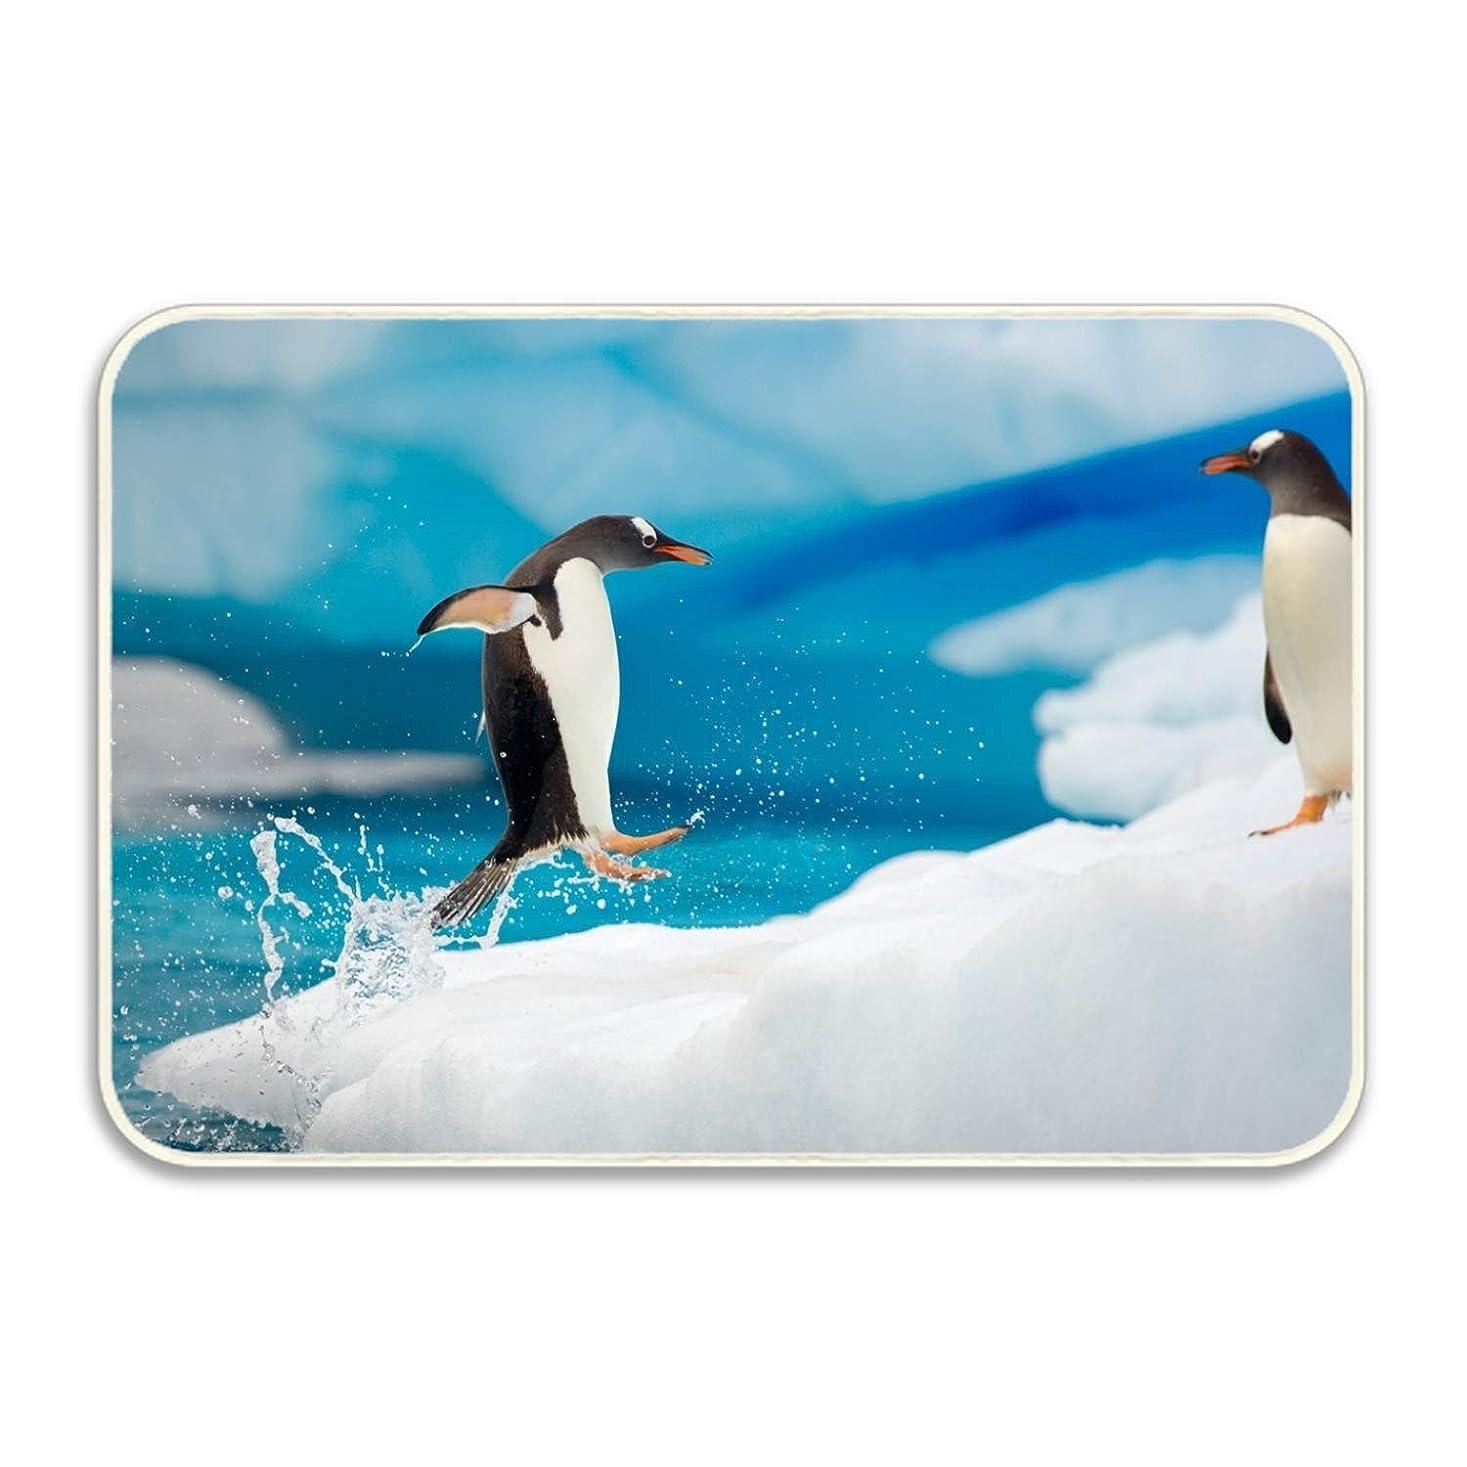 不潔排気飛行機マット 玄関マット ふわっと優しい踏み心地のアウトドアマット 約40×60cm ペンギンアイスファニーバードウォーターペンギン エントランス ドア ガーデニング ガーデン おしゃれ かわいい 土間 泥落とし ナチュラル 外 屋外 フロッグ